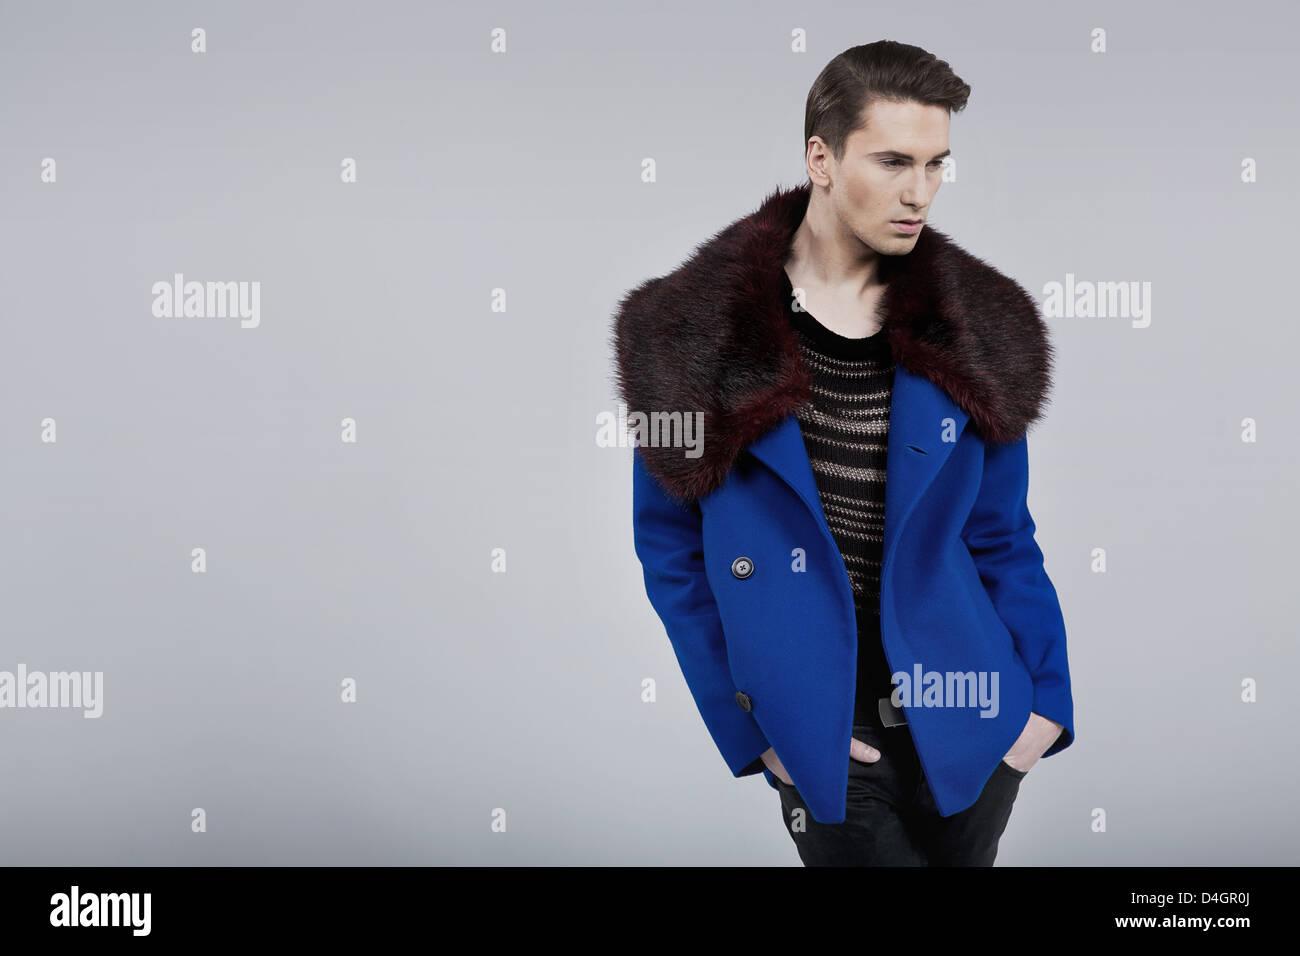 Bel ragazzo vestito in primavera cappotto di moda Immagini Stock